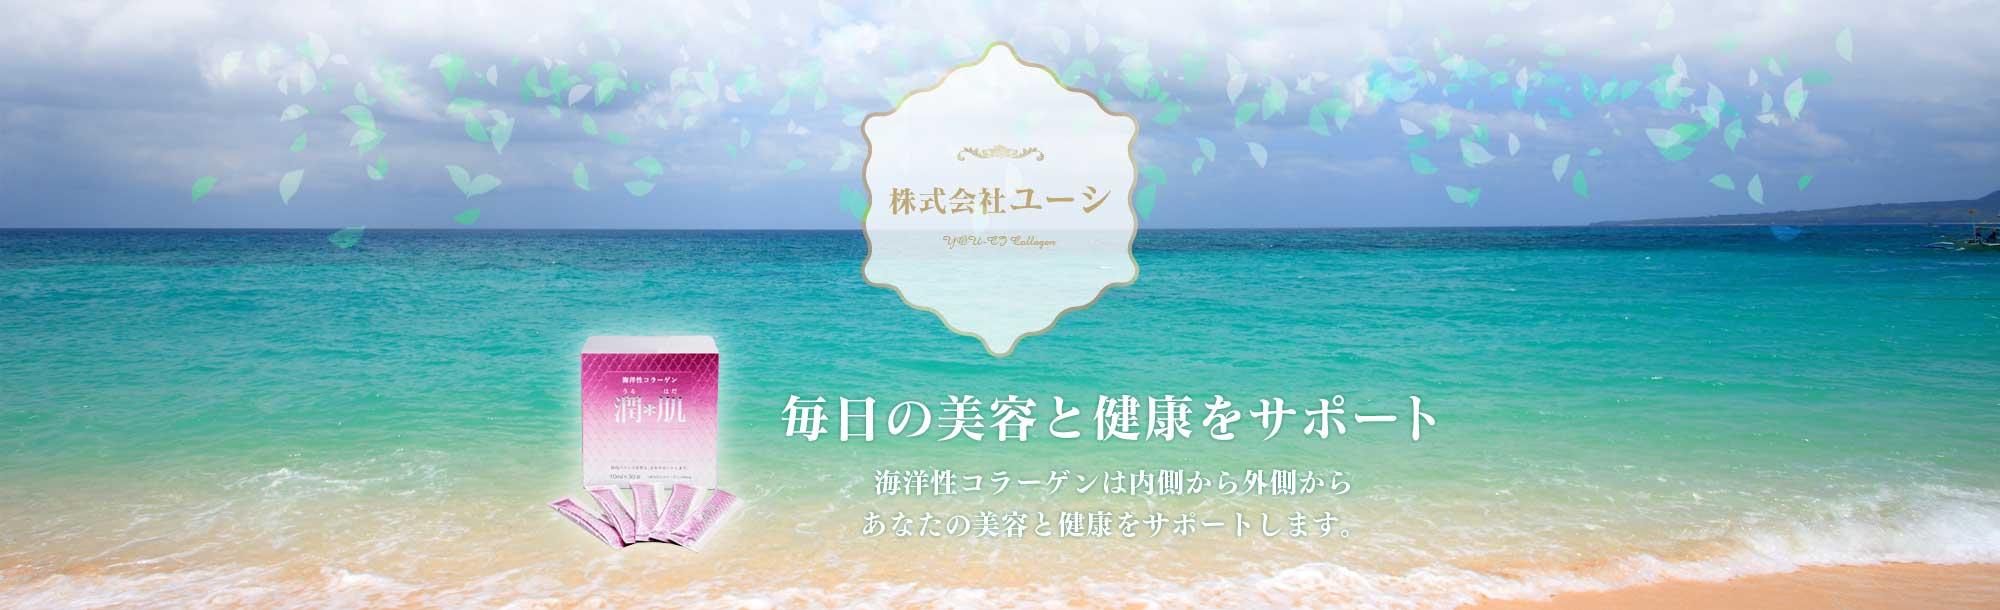 福岡市博多区の株式会社ユーシ。海洋性コラーゲンの販売を行っております。美容食品の潤肌やペットサプリ Happy Animalなどをとりあつかっております。